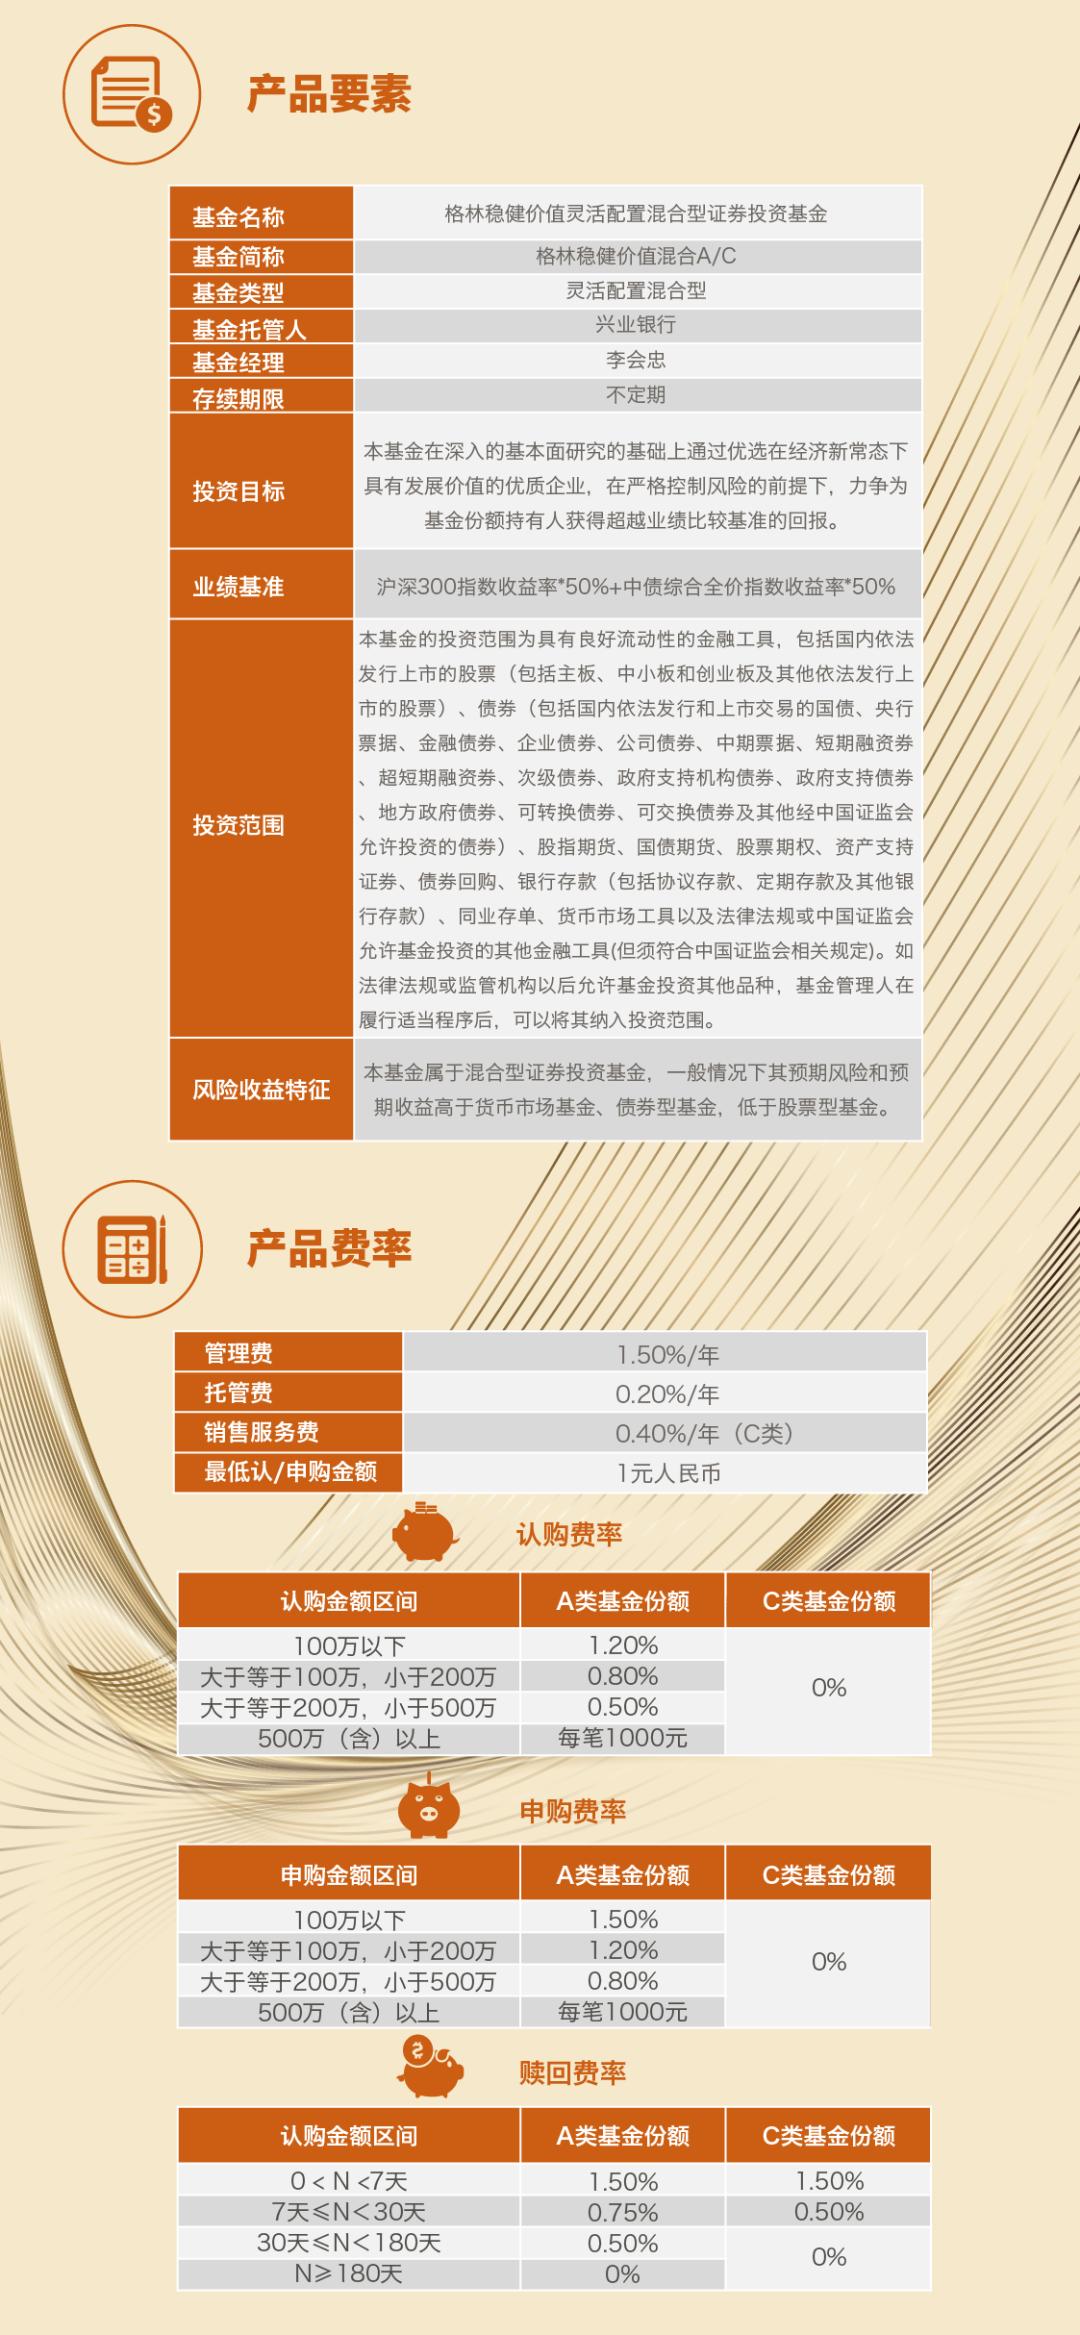 务实求新——投资中国杰出的企业家们